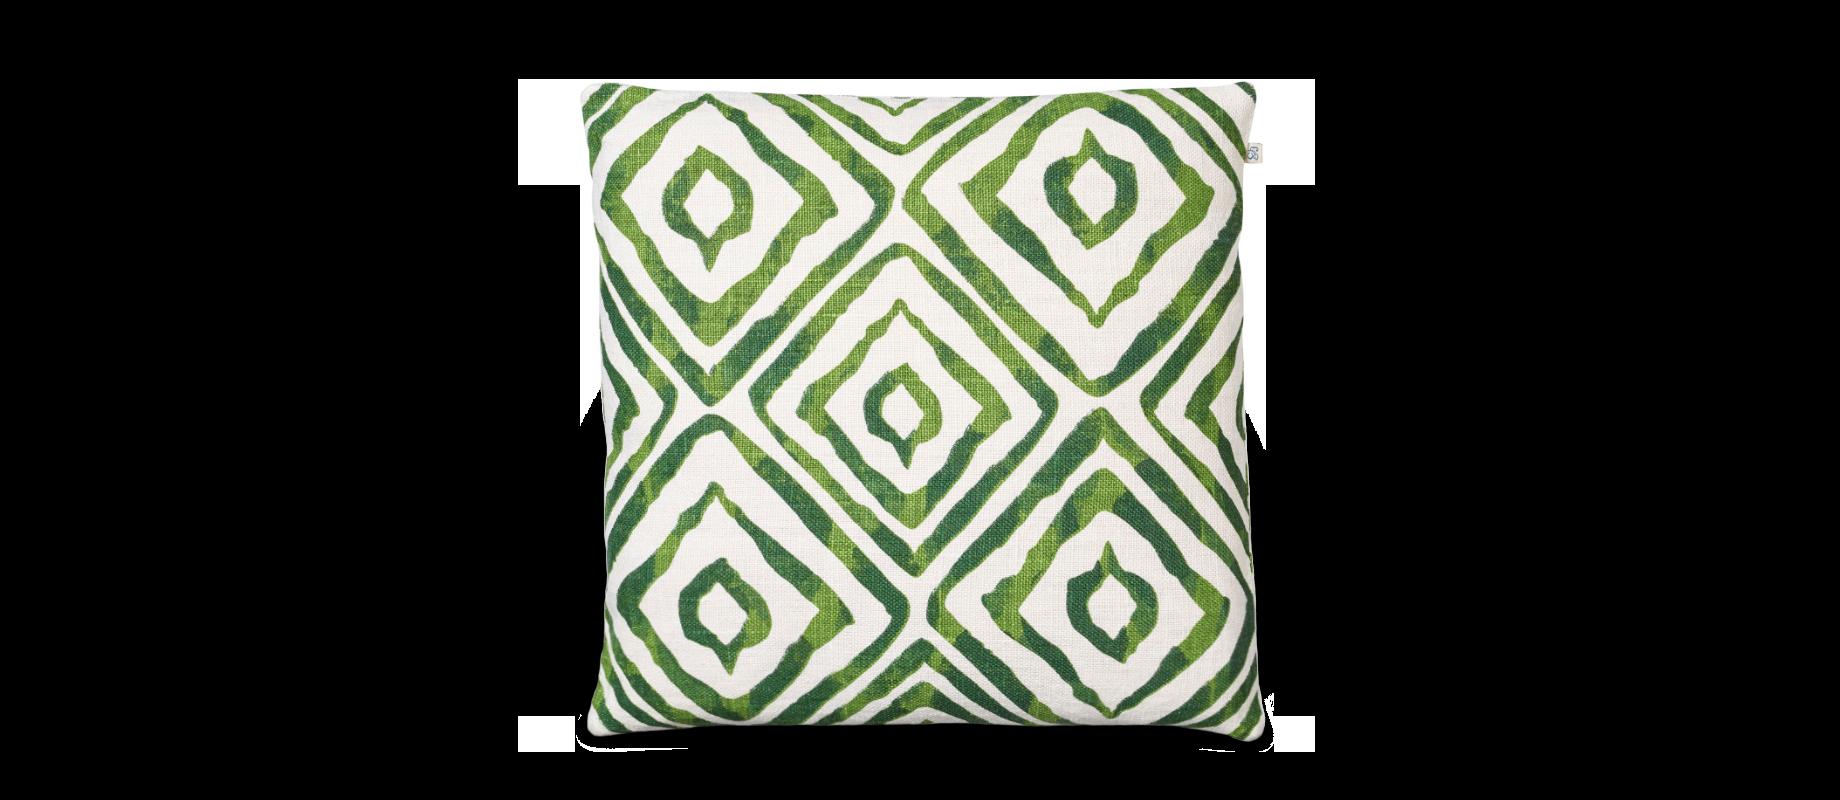 Amba är ett kuddfodral i grön färg från Chhatwal   Jonsson 3ed67190eac90